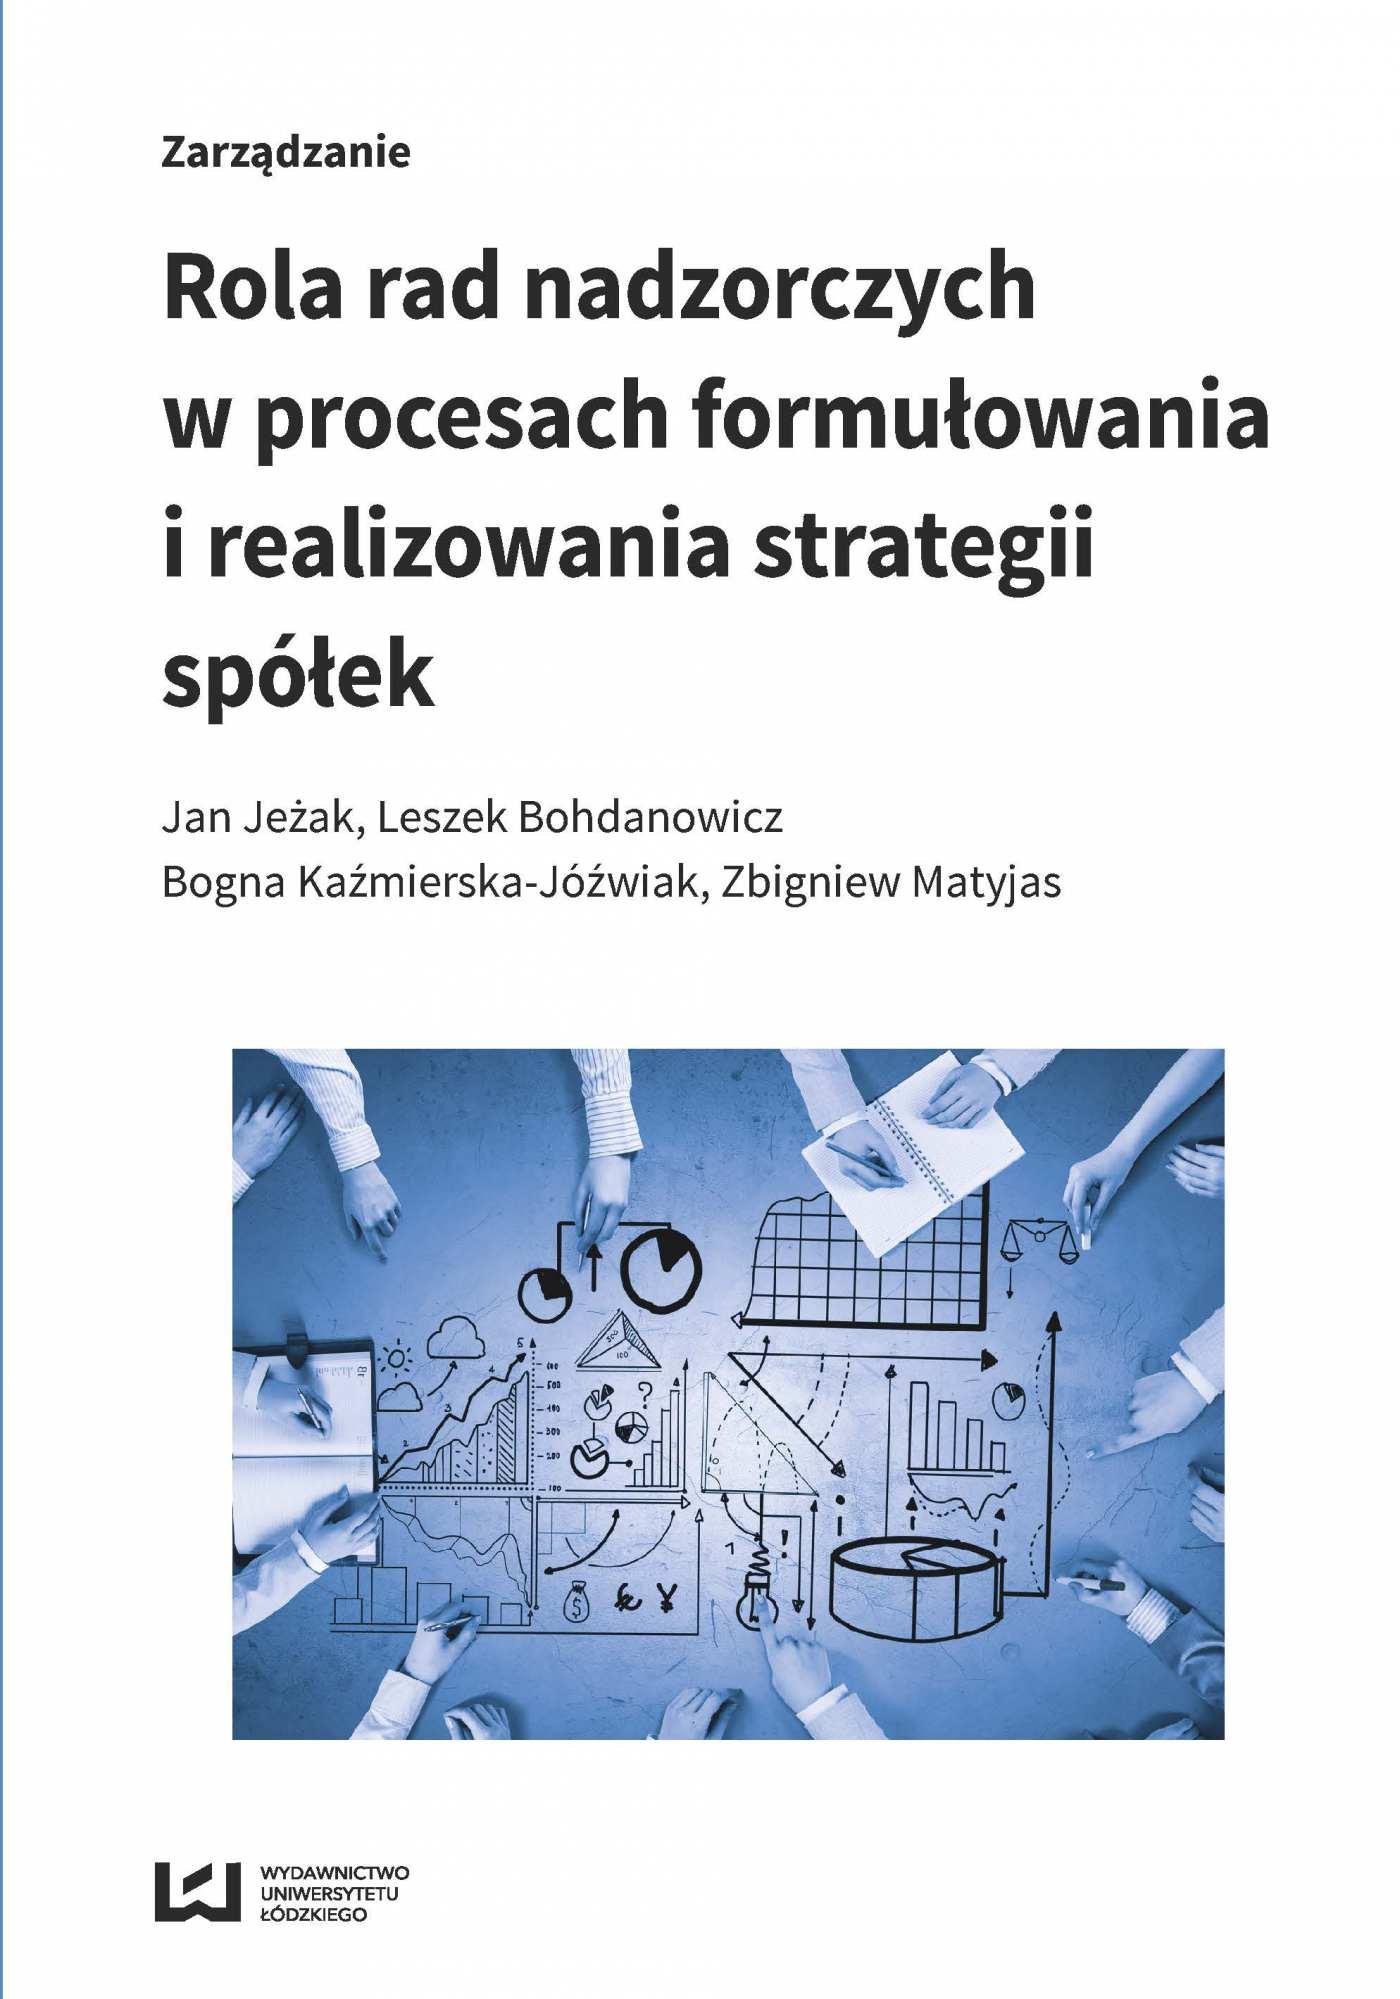 Rola rad nadzorczych w procesach formułowania i realizowania strategii spółek - Ebook (Książka PDF) do pobrania w formacie PDF